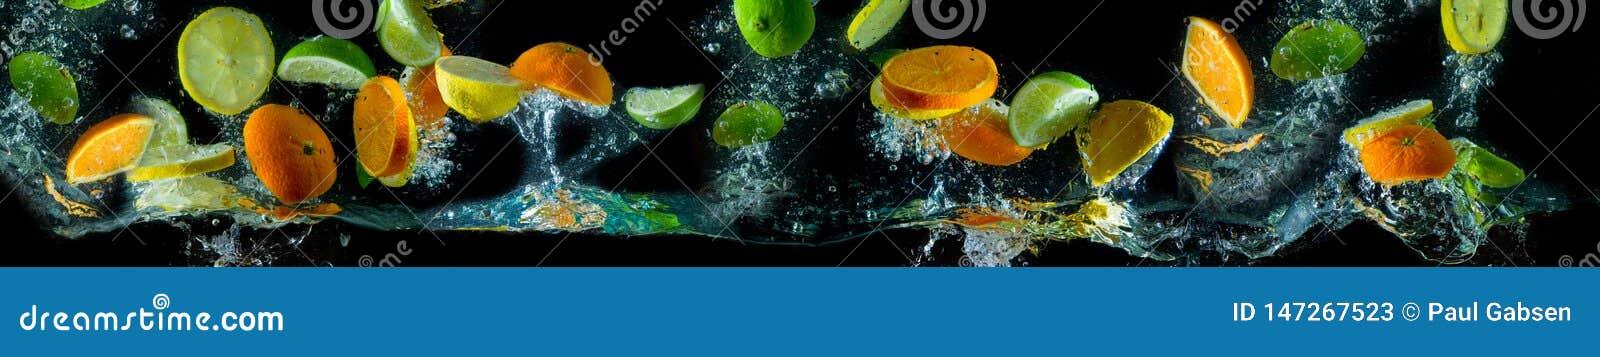 Fruits en vol, éclaboussant l eau Fruit dans l eau